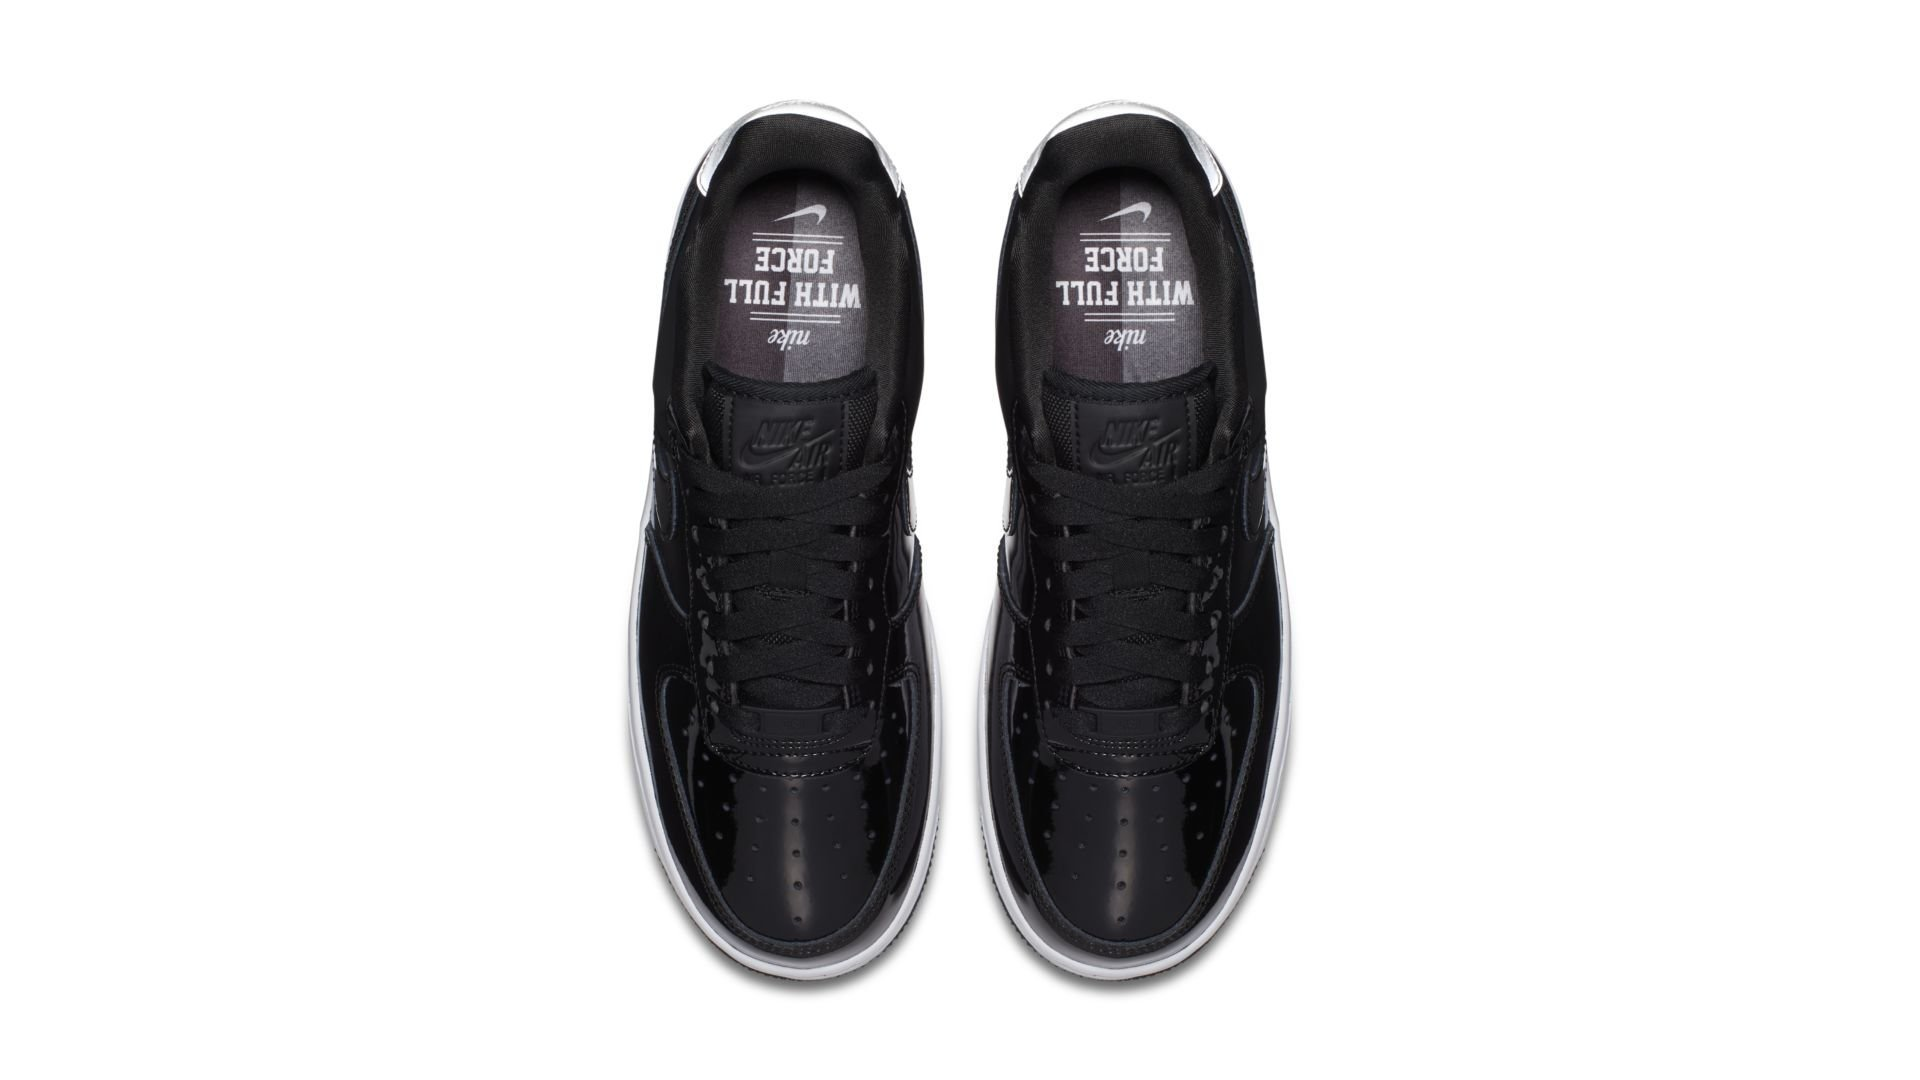 Nike Air Force 1 07 Premium Black (AH6827-001)